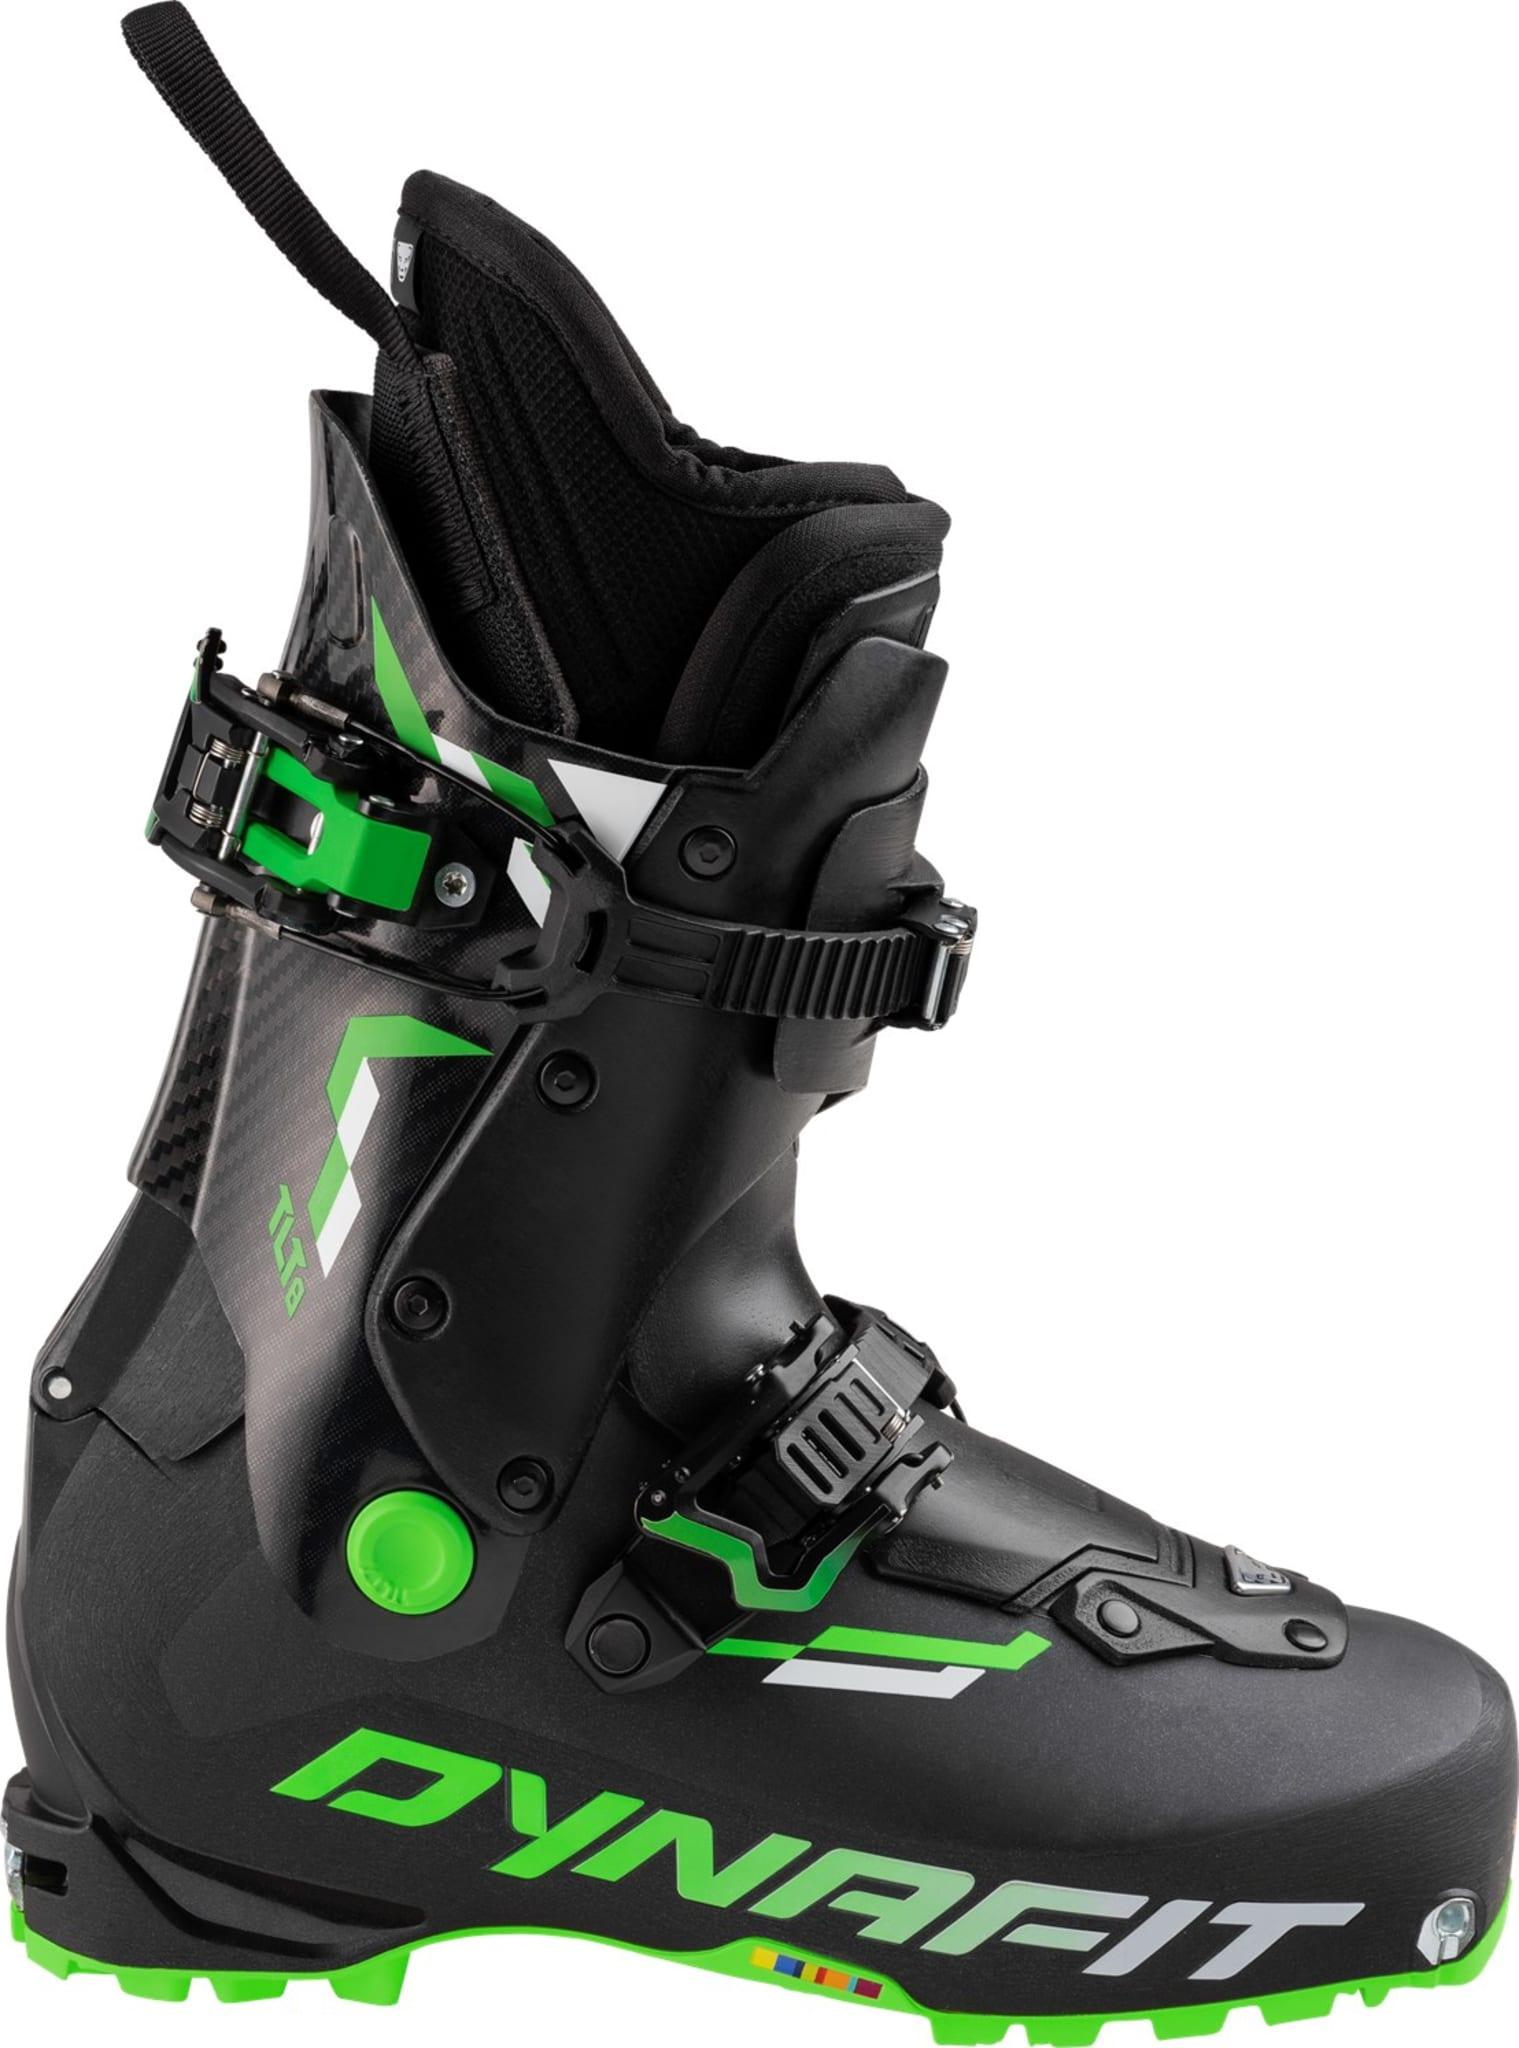 Svært lette og svært stive støvler for raske toppturer